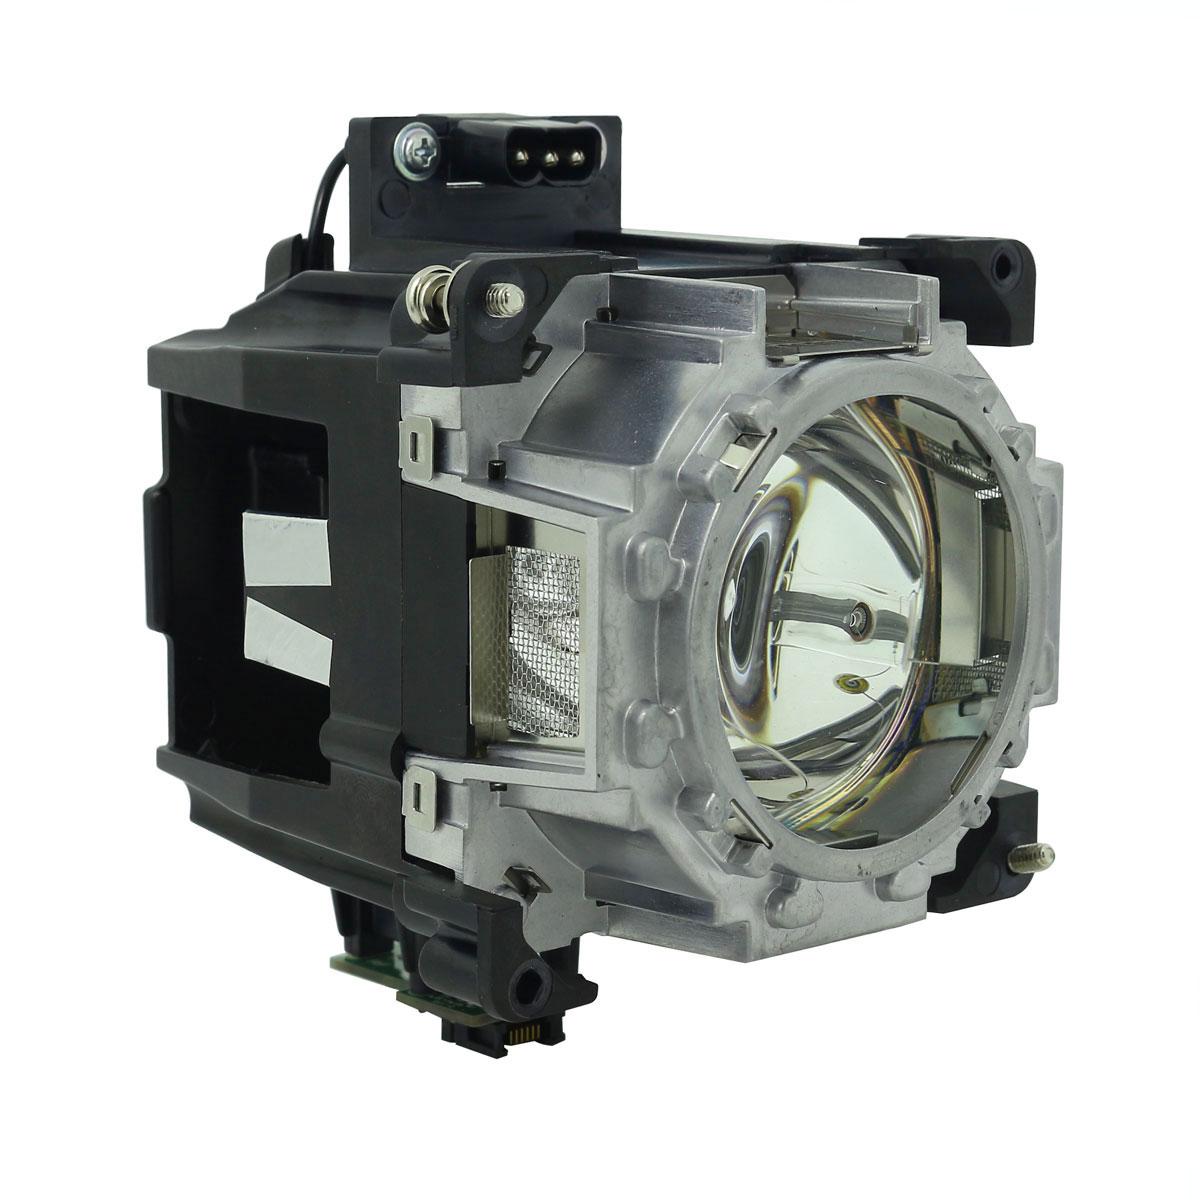 Lutema Platinum Bulb for Panasonic PT-DZ16KU Projector Lamp Only